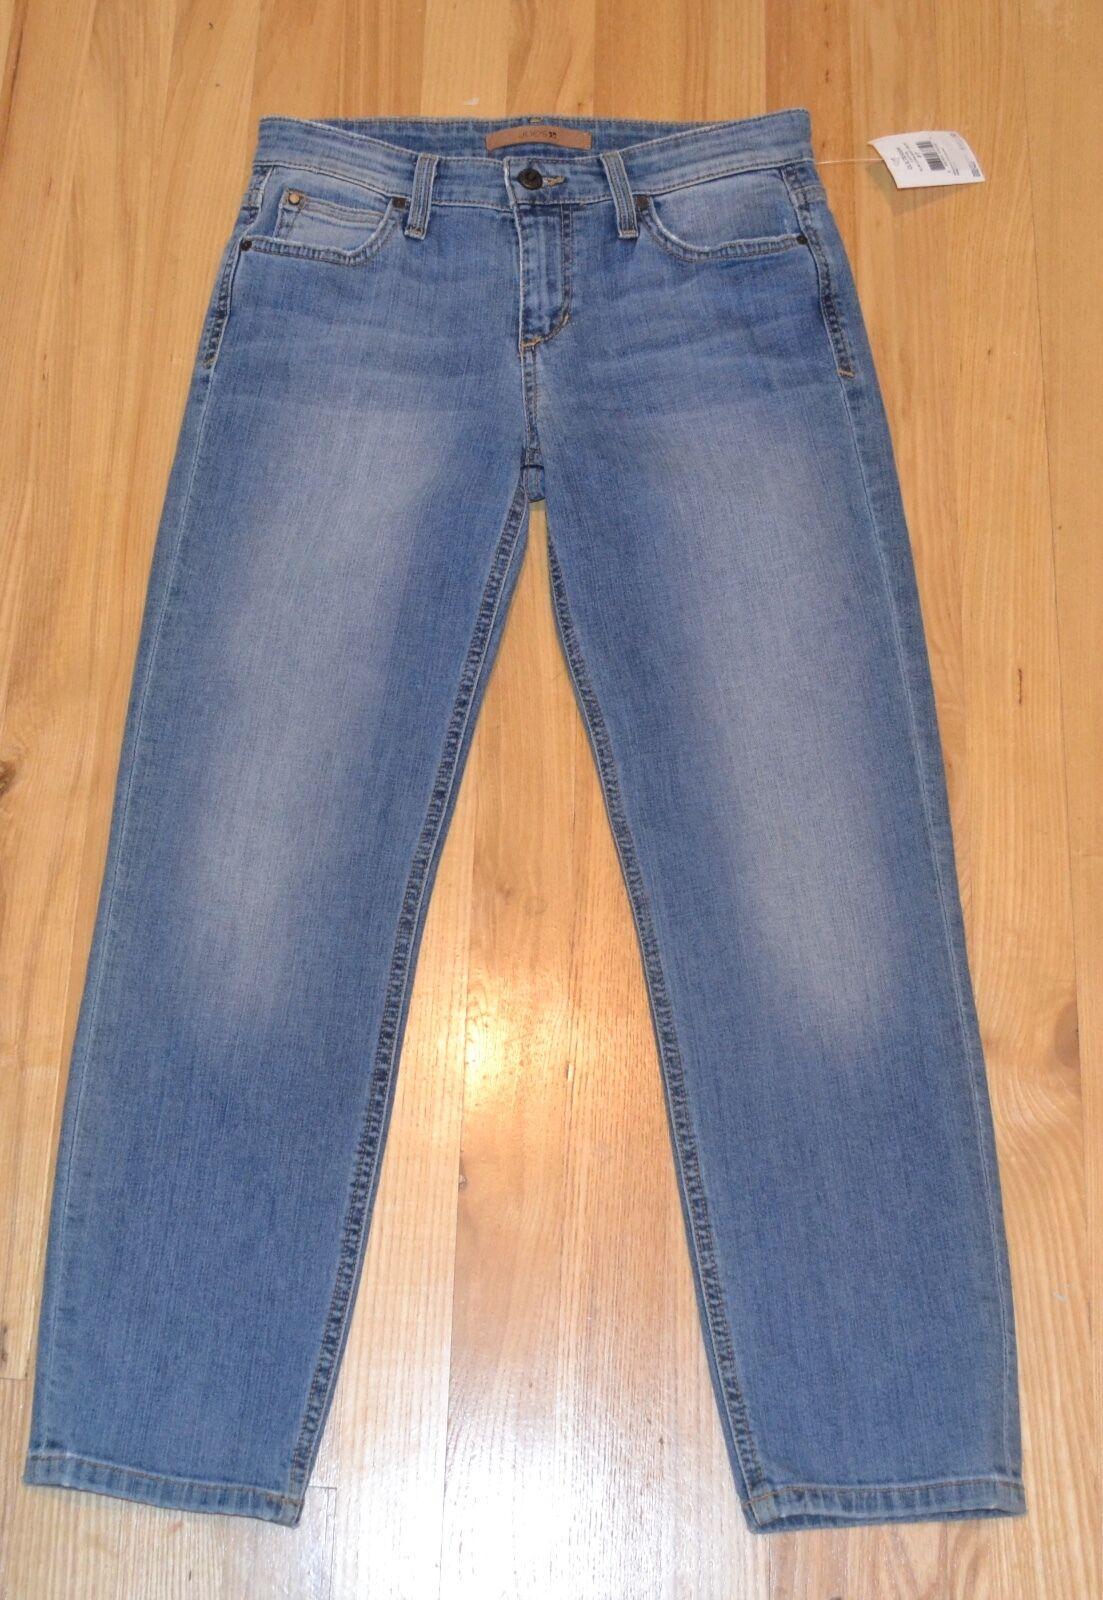 NEW Joe's Jeans - Women's  Lottie Slim Straight  Crop  Jeans size 26 bluee Denim